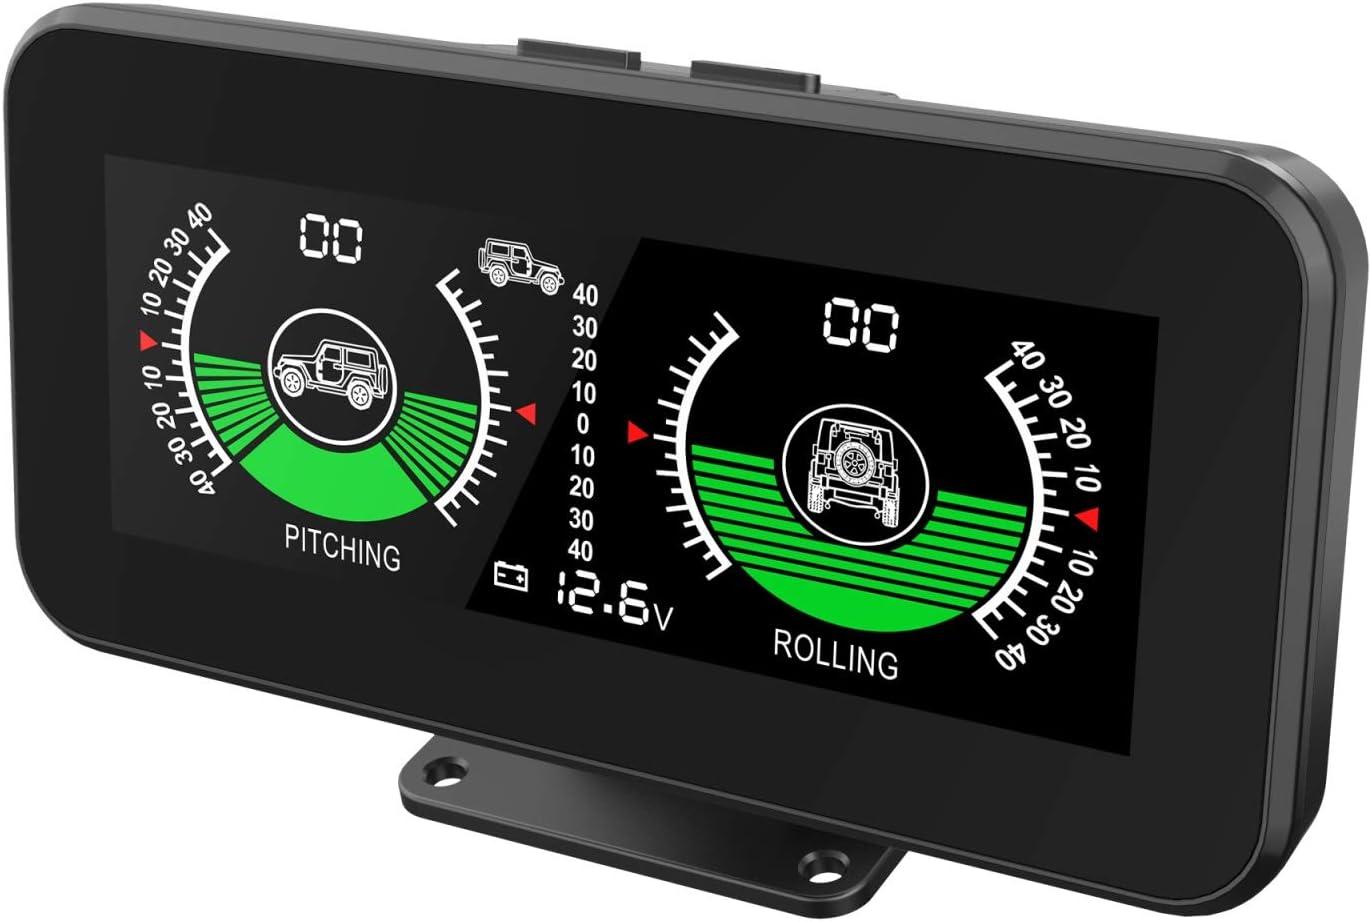 MR CARTOOL M50 Medidor de pendiente de ángulo inteligente GPS,Inclinómetro digital de coche Indicador de inclinación/ángulo del vehículo para todos los vehículos